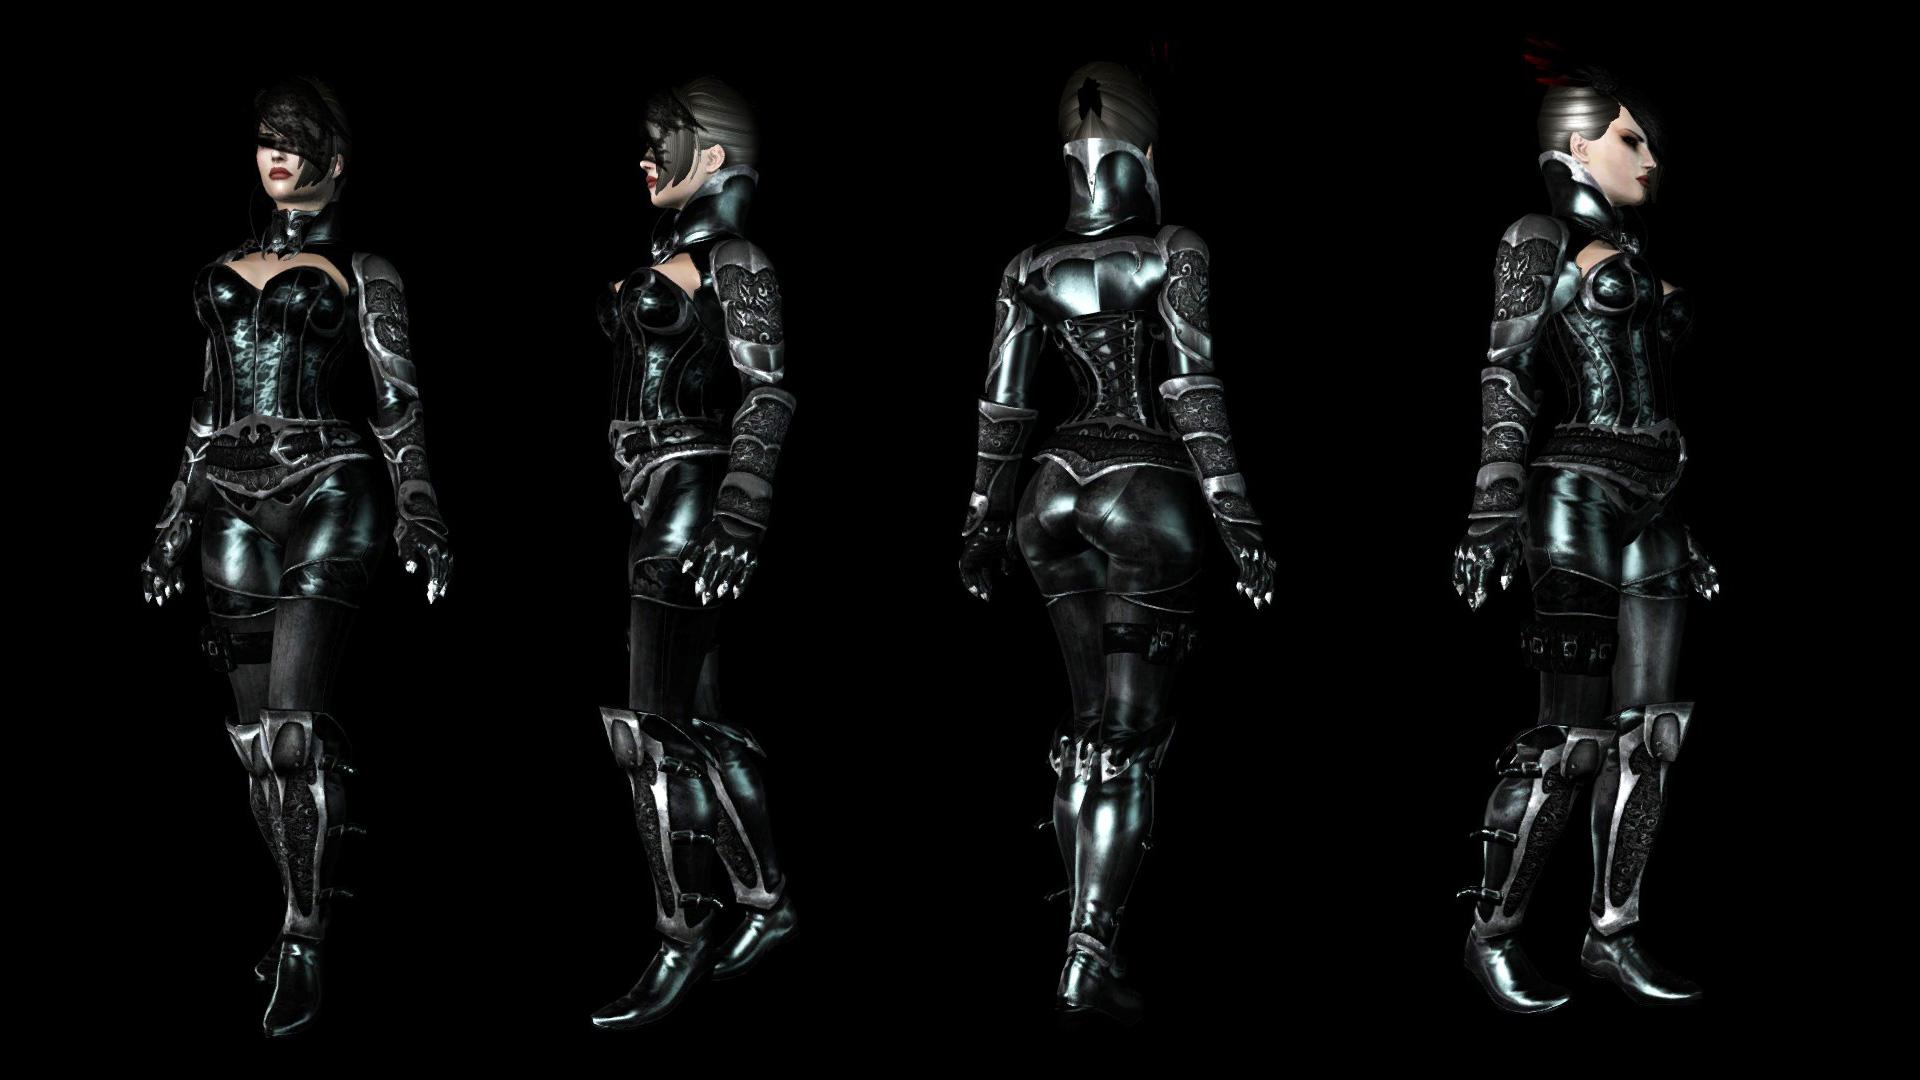 Skyrim Dracula Armor – HD Wallpapers